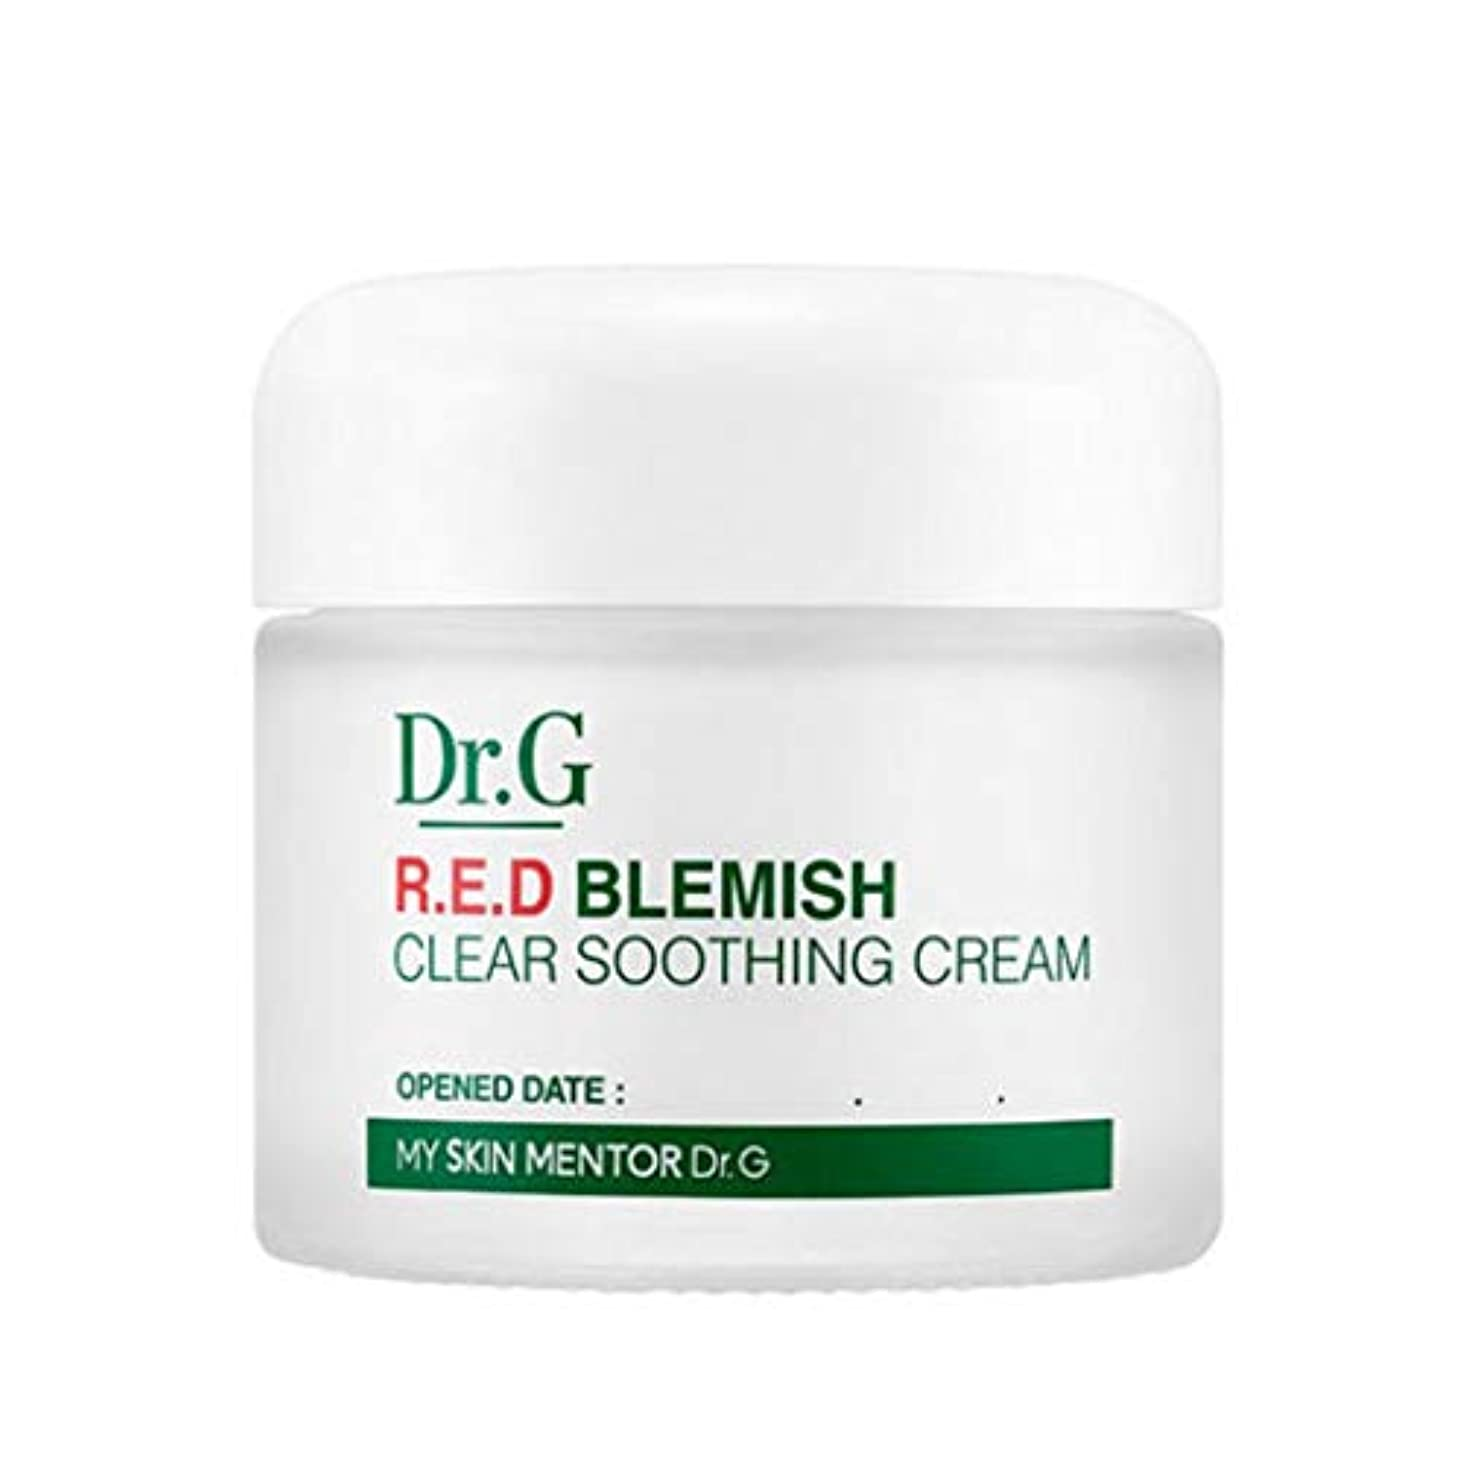 撃退するコードゲインセイドクターGレッドブレミッシュクリアスージングクリーム70ml水分クリーム、Dr.G Red Blemish Clear Soothing Cream 70ml Moisturizing Cream [並行輸入品]